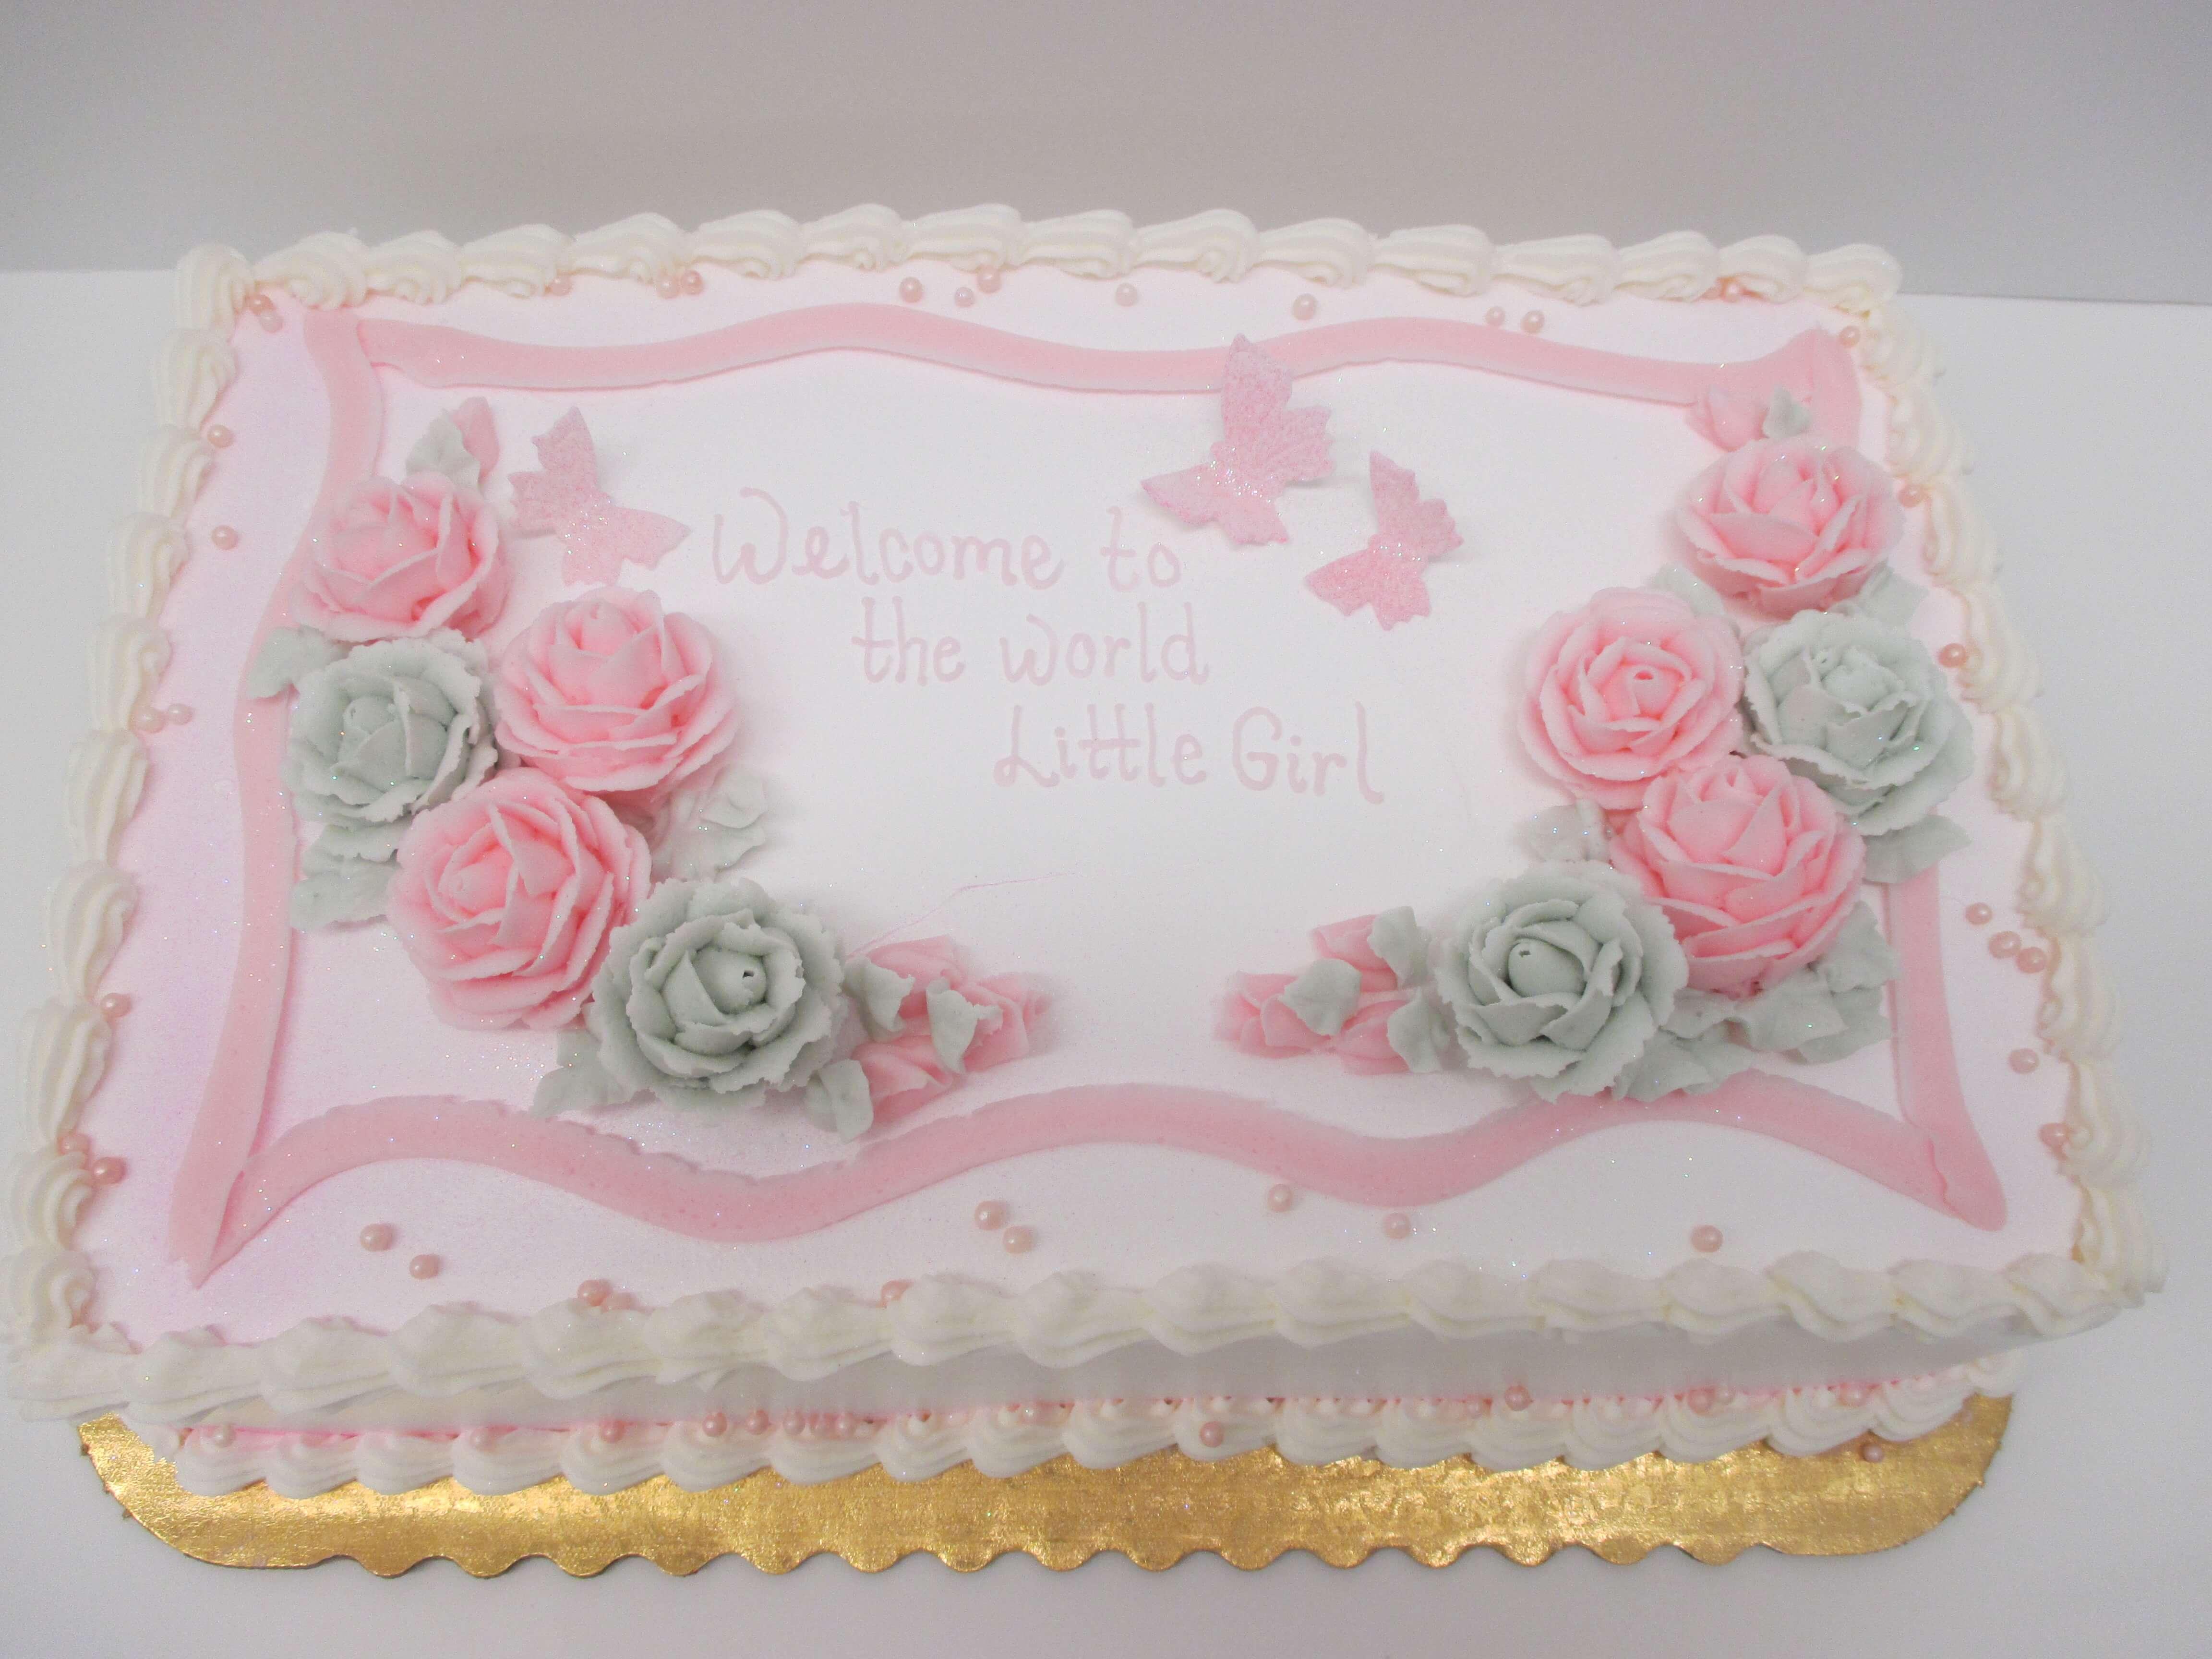 Baby Celebrations The Bake Shoppe